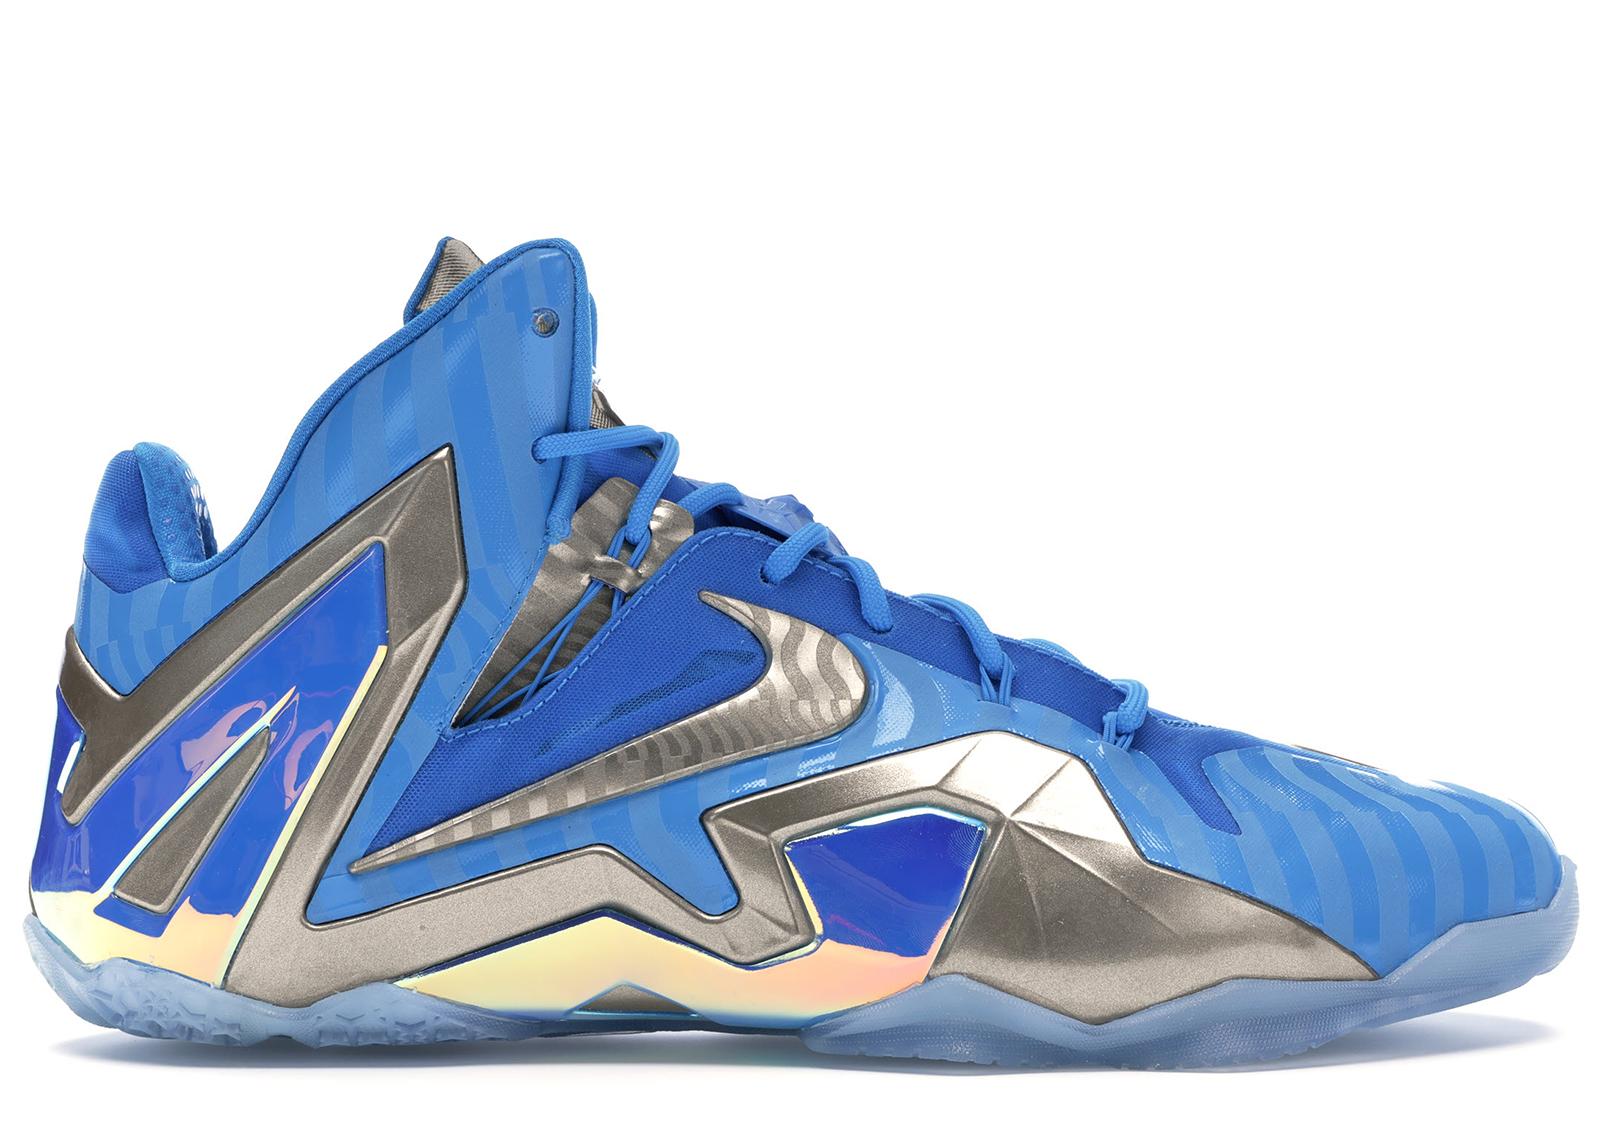 Nike LeBron 11 Elite Maison 3M Blue